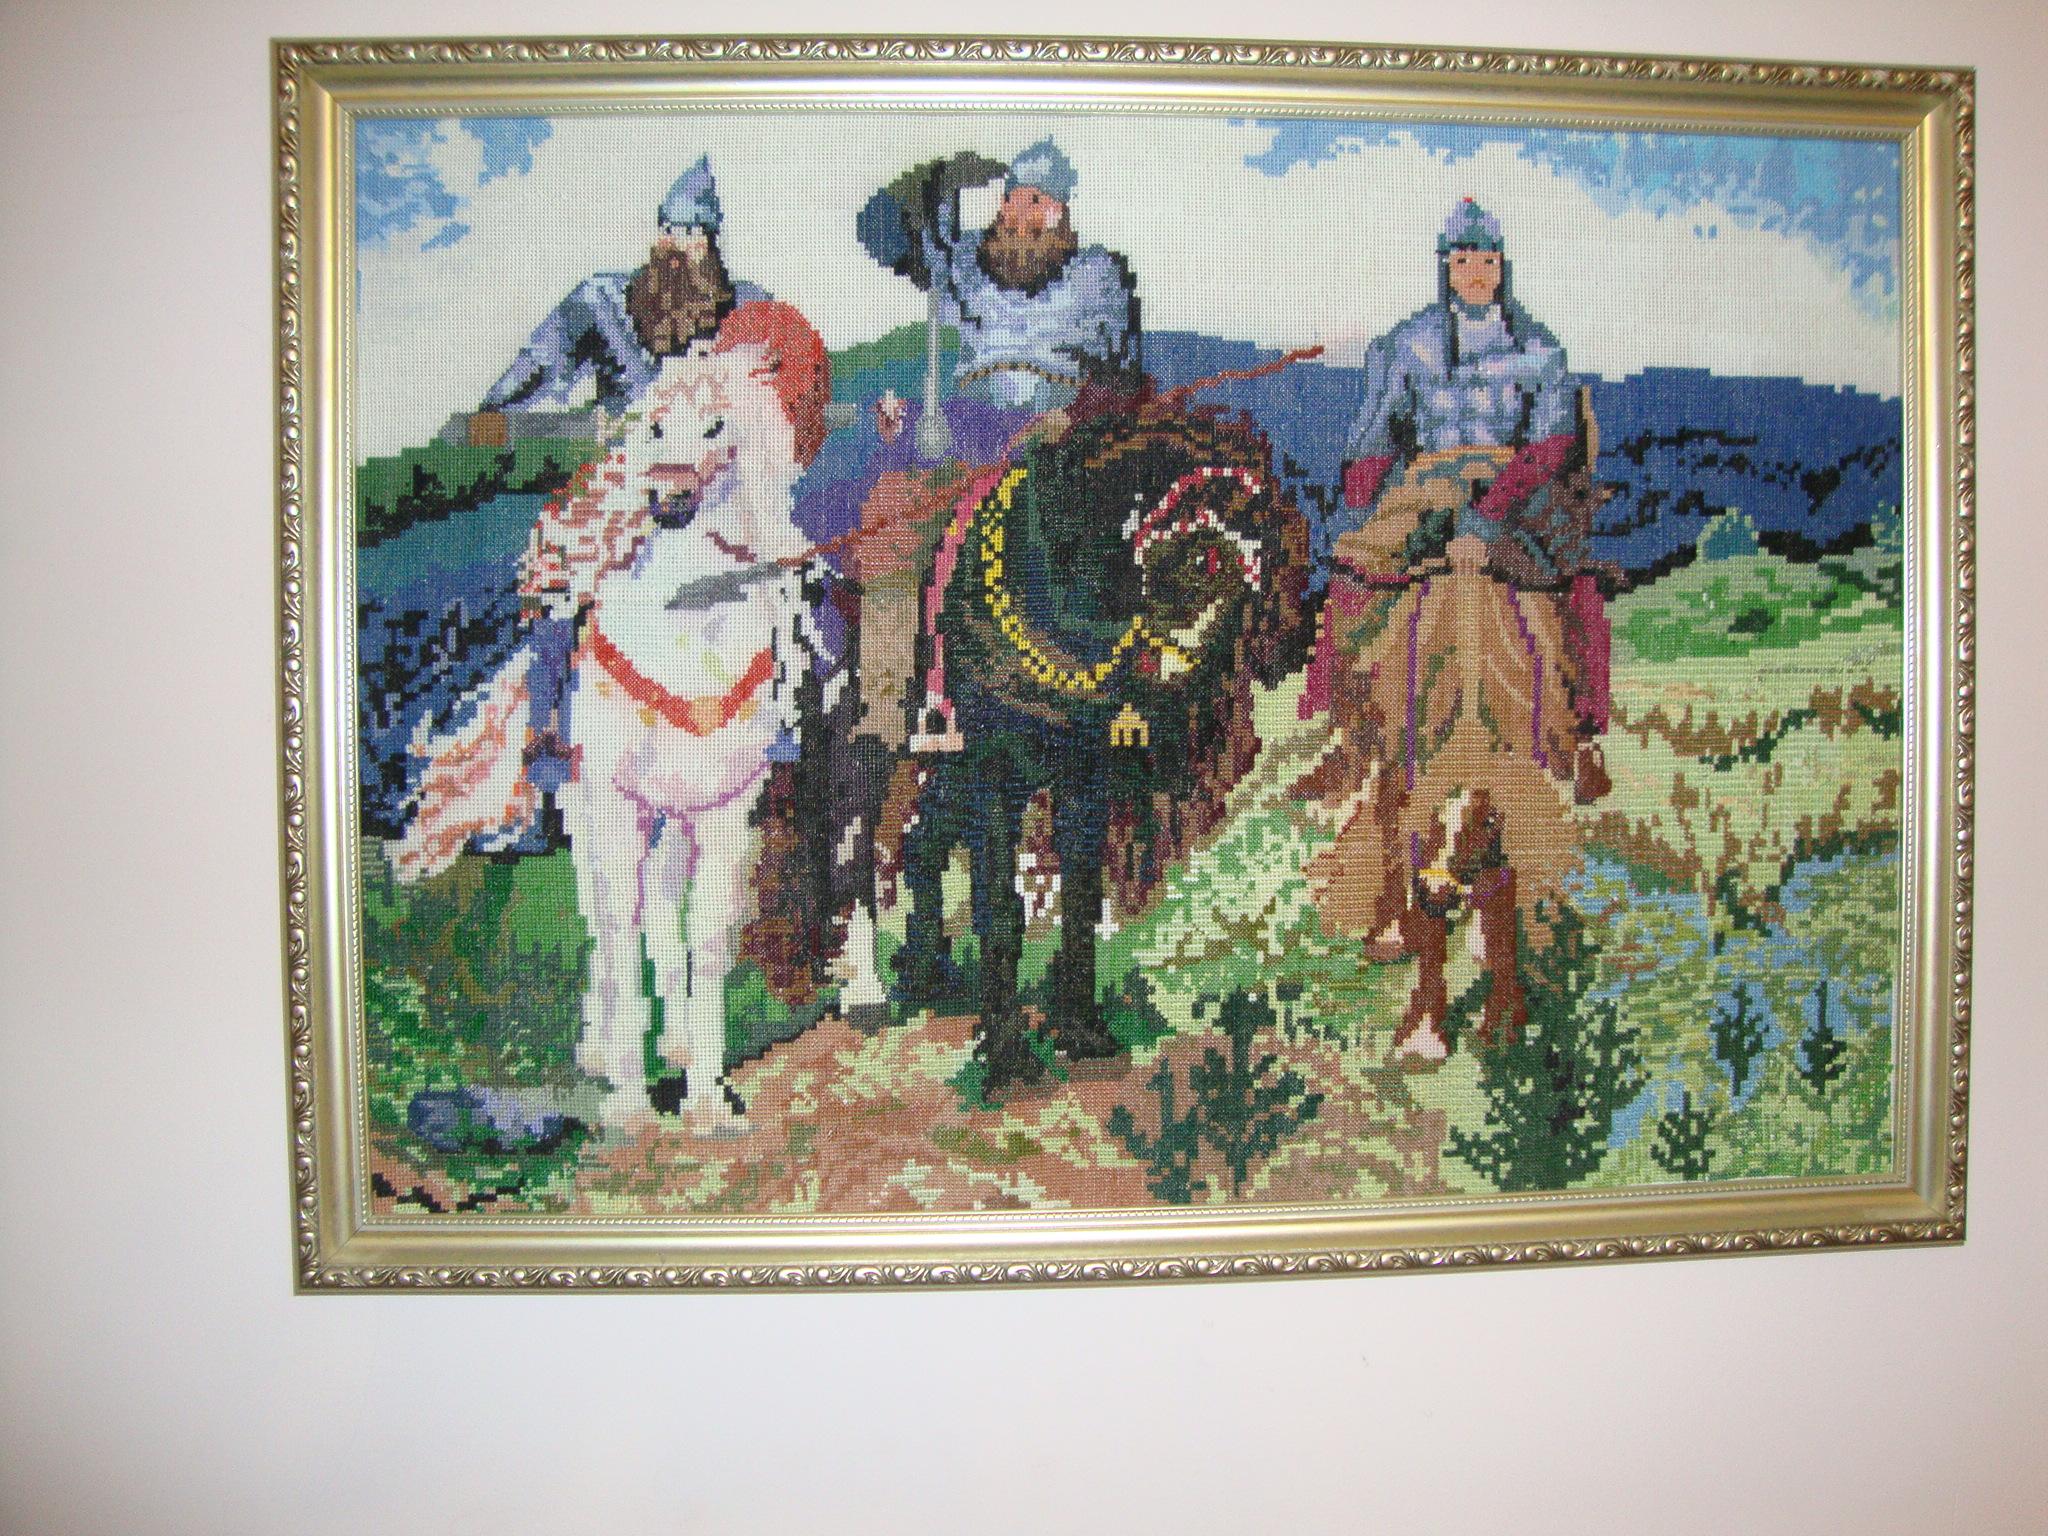 Схема для вышивки по картине три богатыря